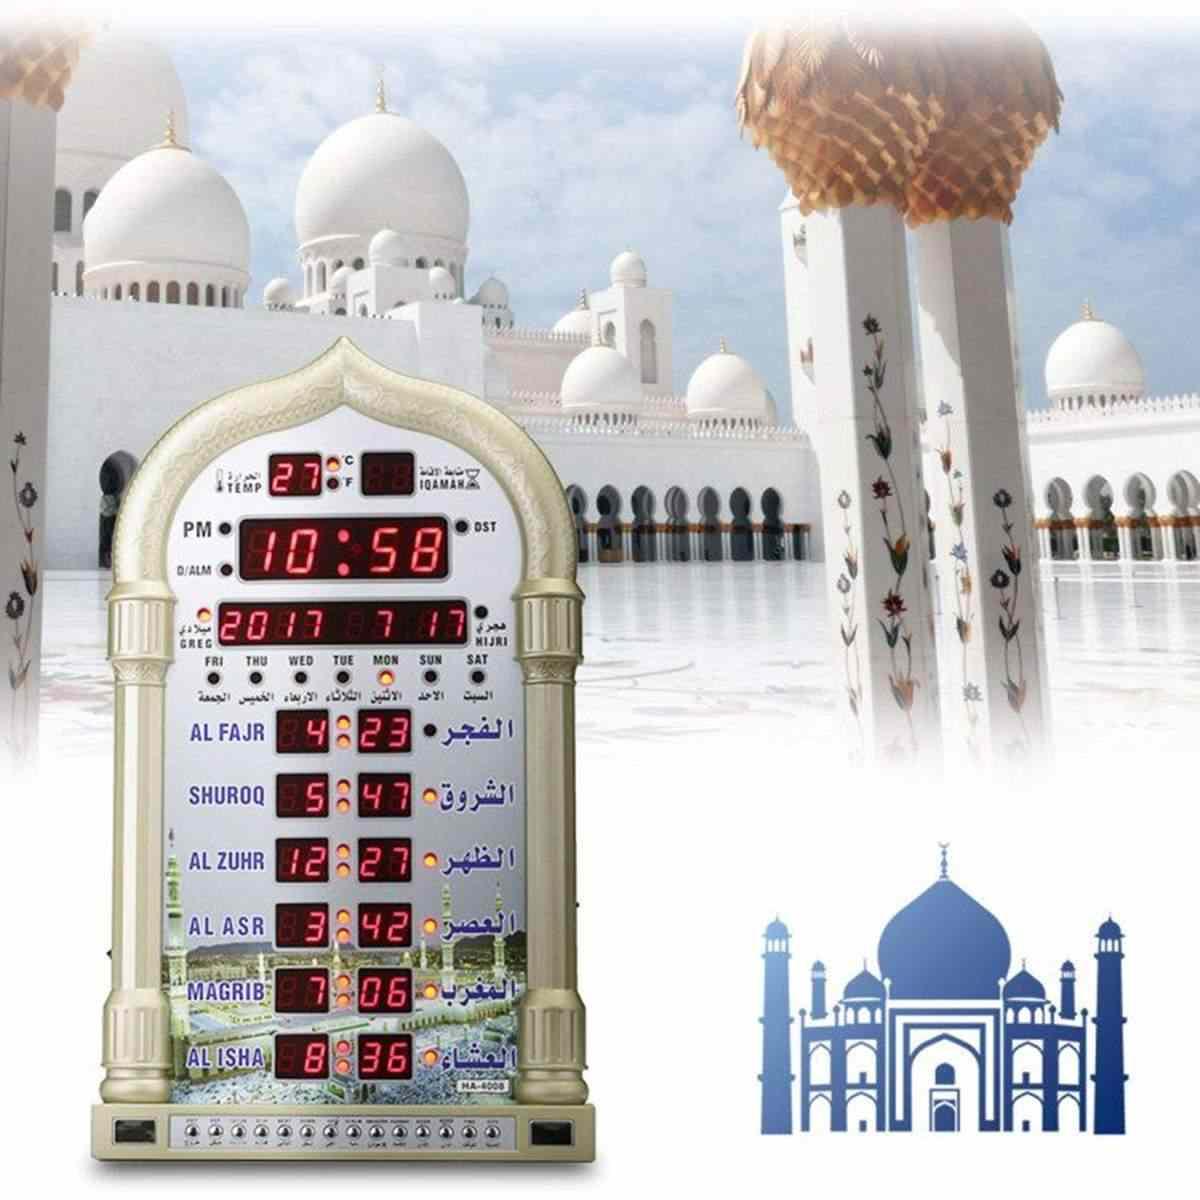 Azan Masjid Jam Sholat Islam Masjid Azan Kalender Doa Muslim Wall Clock Alarm Ramadan Dekorasi Rumah + Remote Control